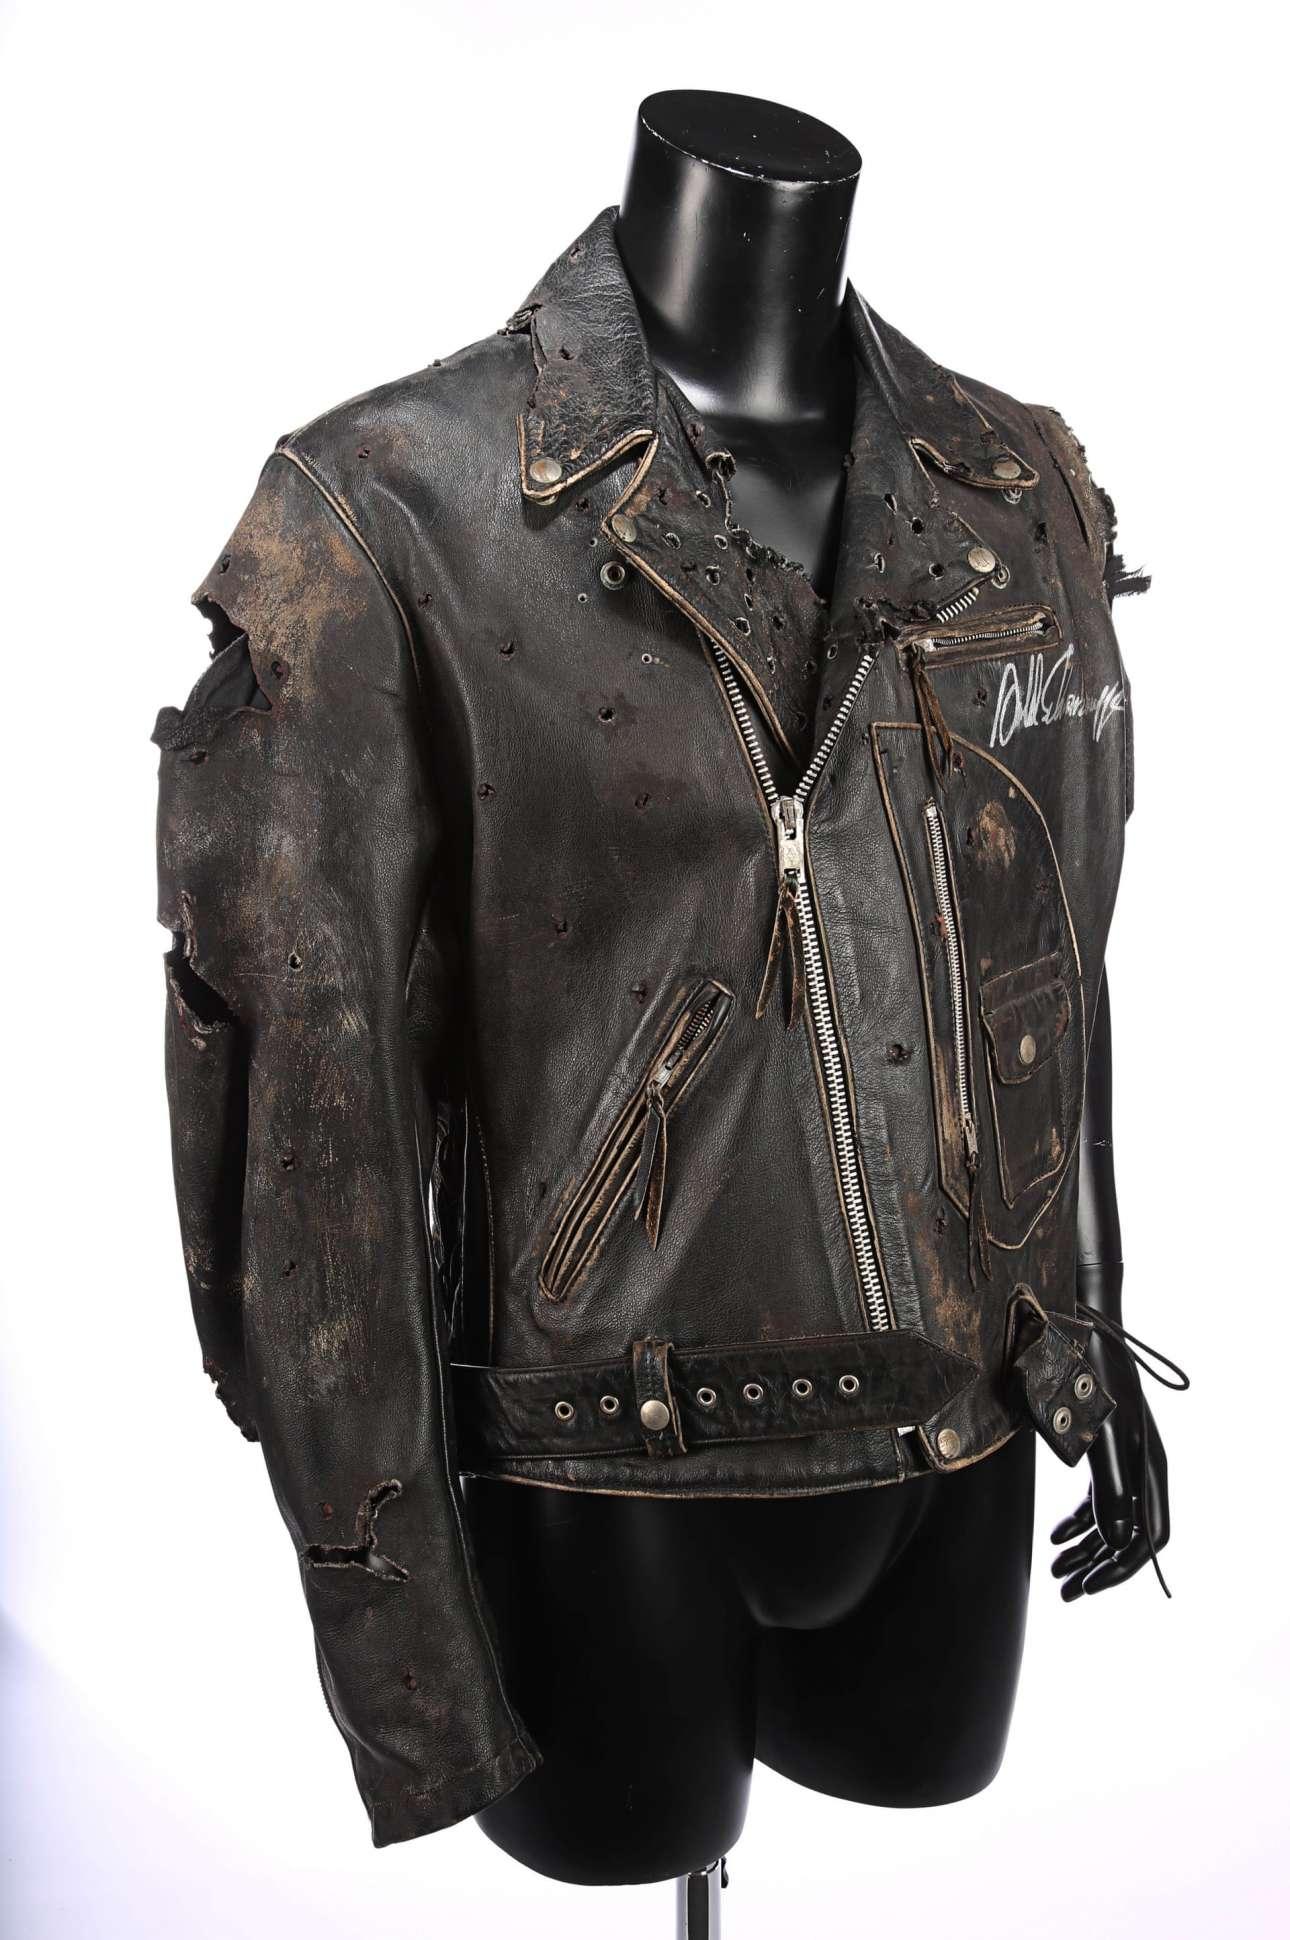 Το δερμάτινο μπουφάν που φορούσε ο Αρνολντ Σβαρτσενέγκερ στην ταινία επιστημονικής φαντασίας «Εξολοθρευτής 2: Μέρα της Κρίσης», υπογεγραμμένο από τον ίδιο,  αναμένεται να φτάσει τα 12.000 ευρώ